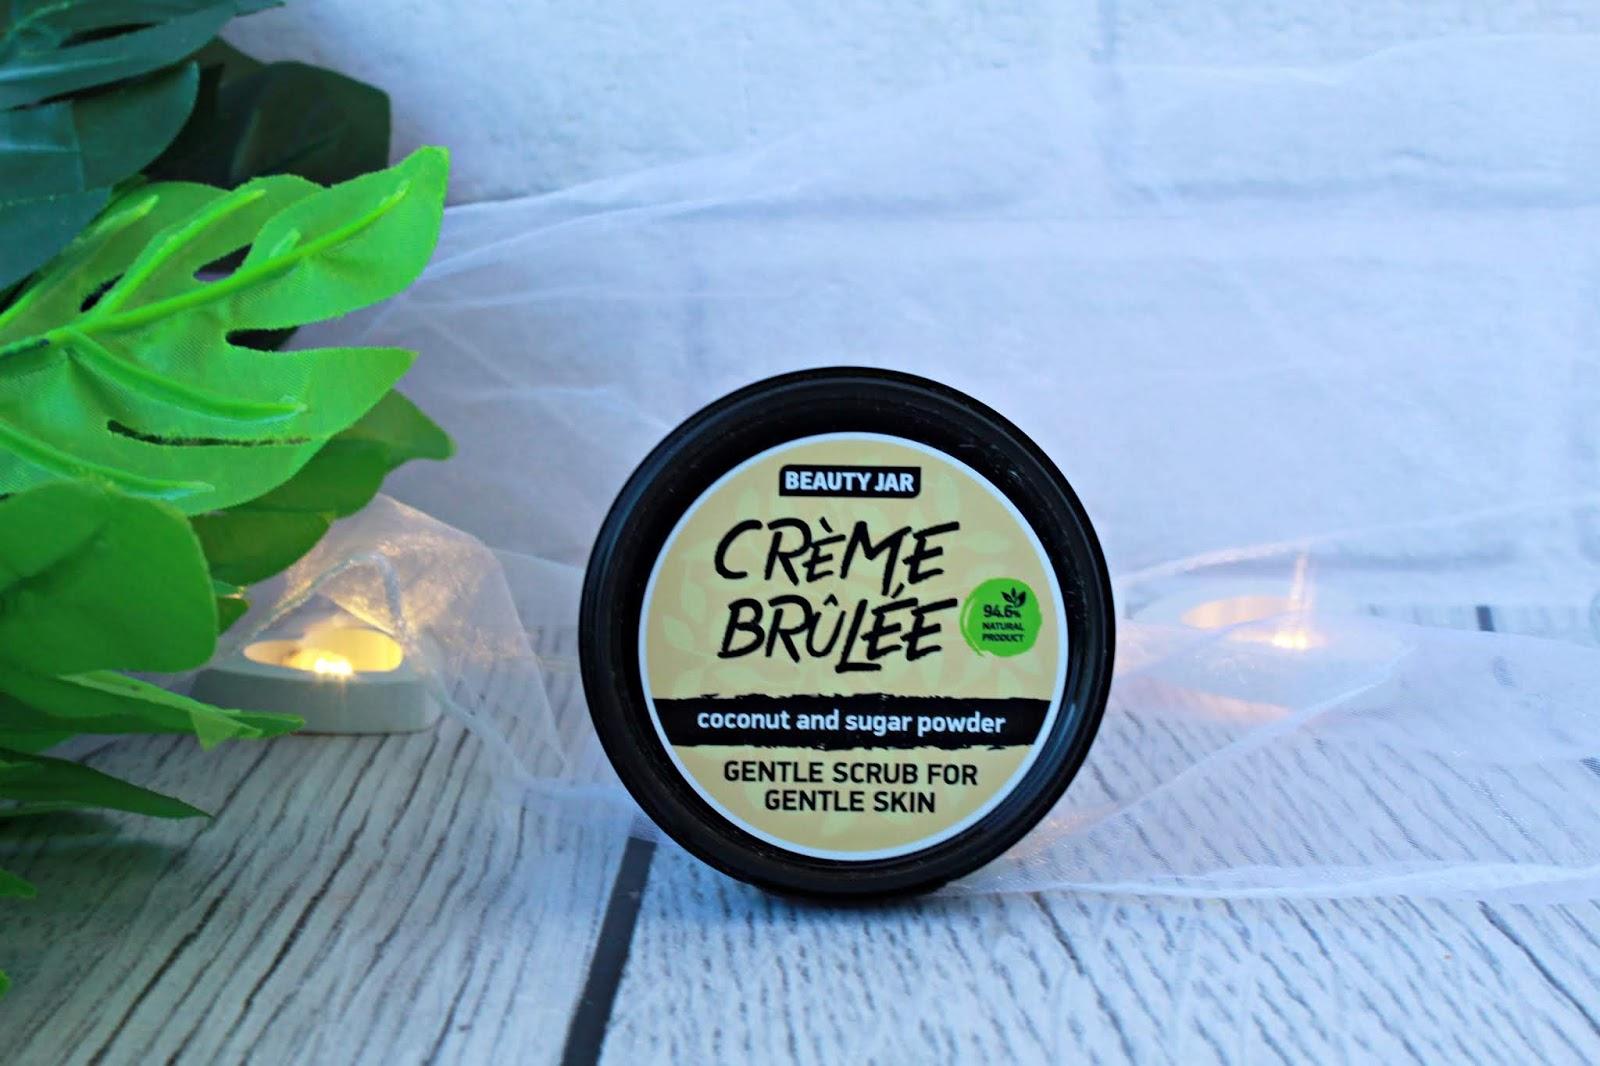 Delikatny scrub do twarzy do skóry delikatnej z wiórkami kokosa - Beauty Jar